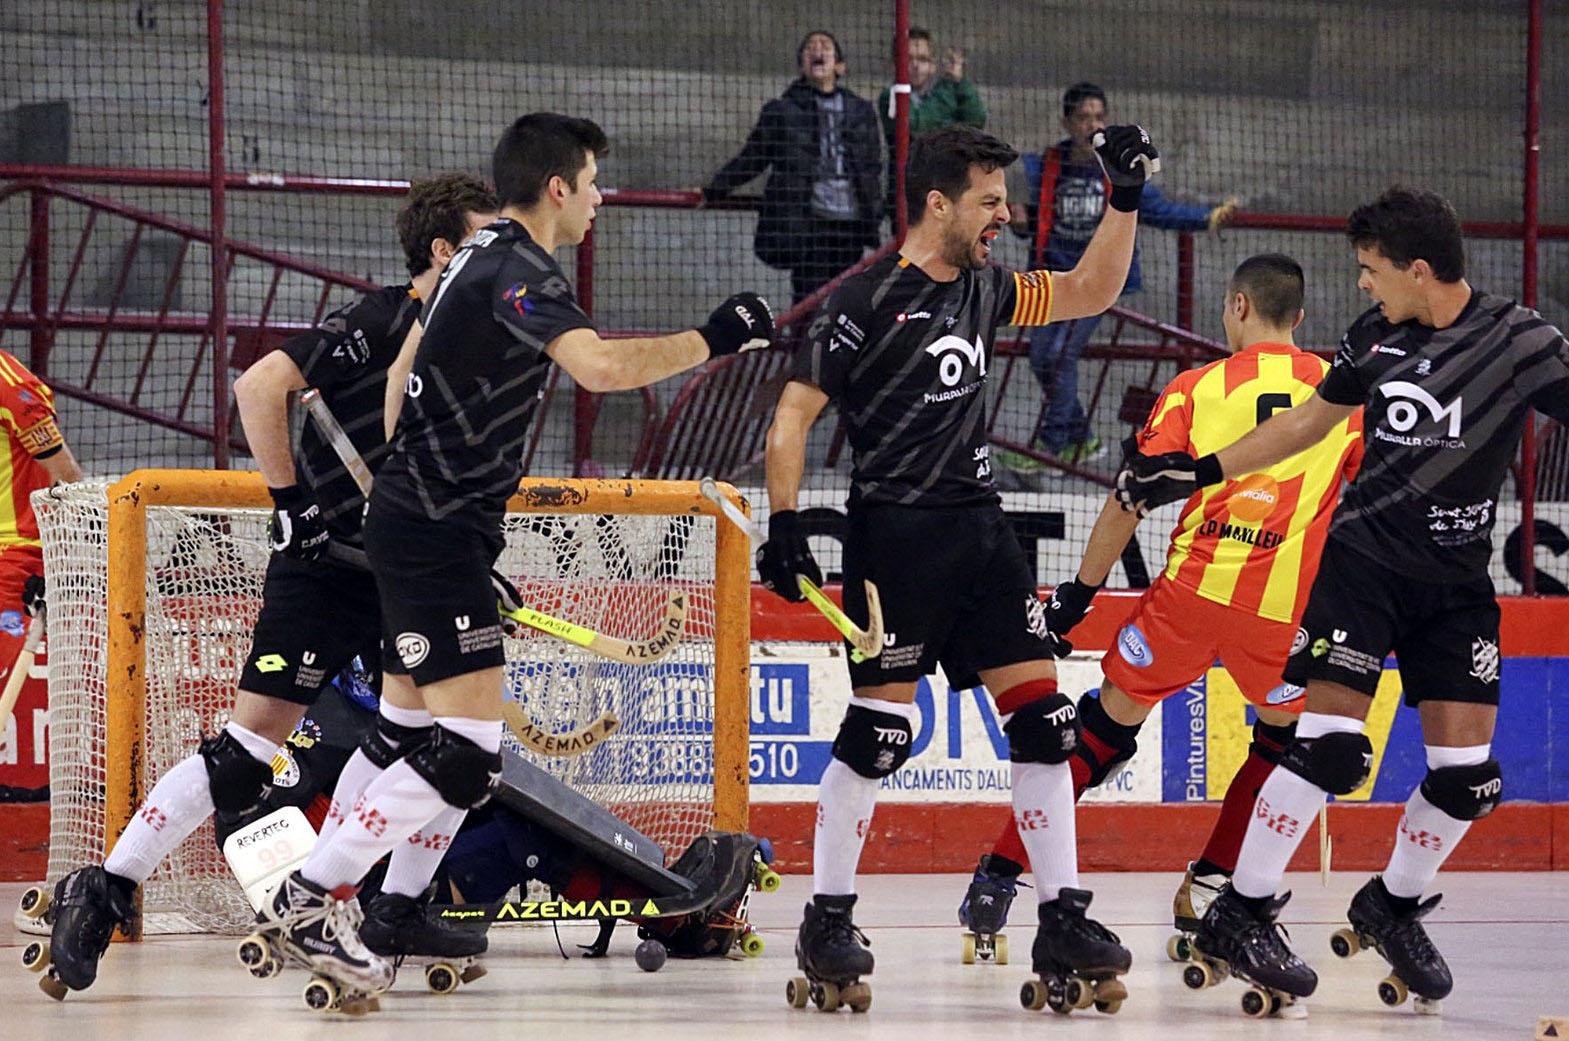 Romà Bancells és el segon màxim golejador del conjunt vigatà